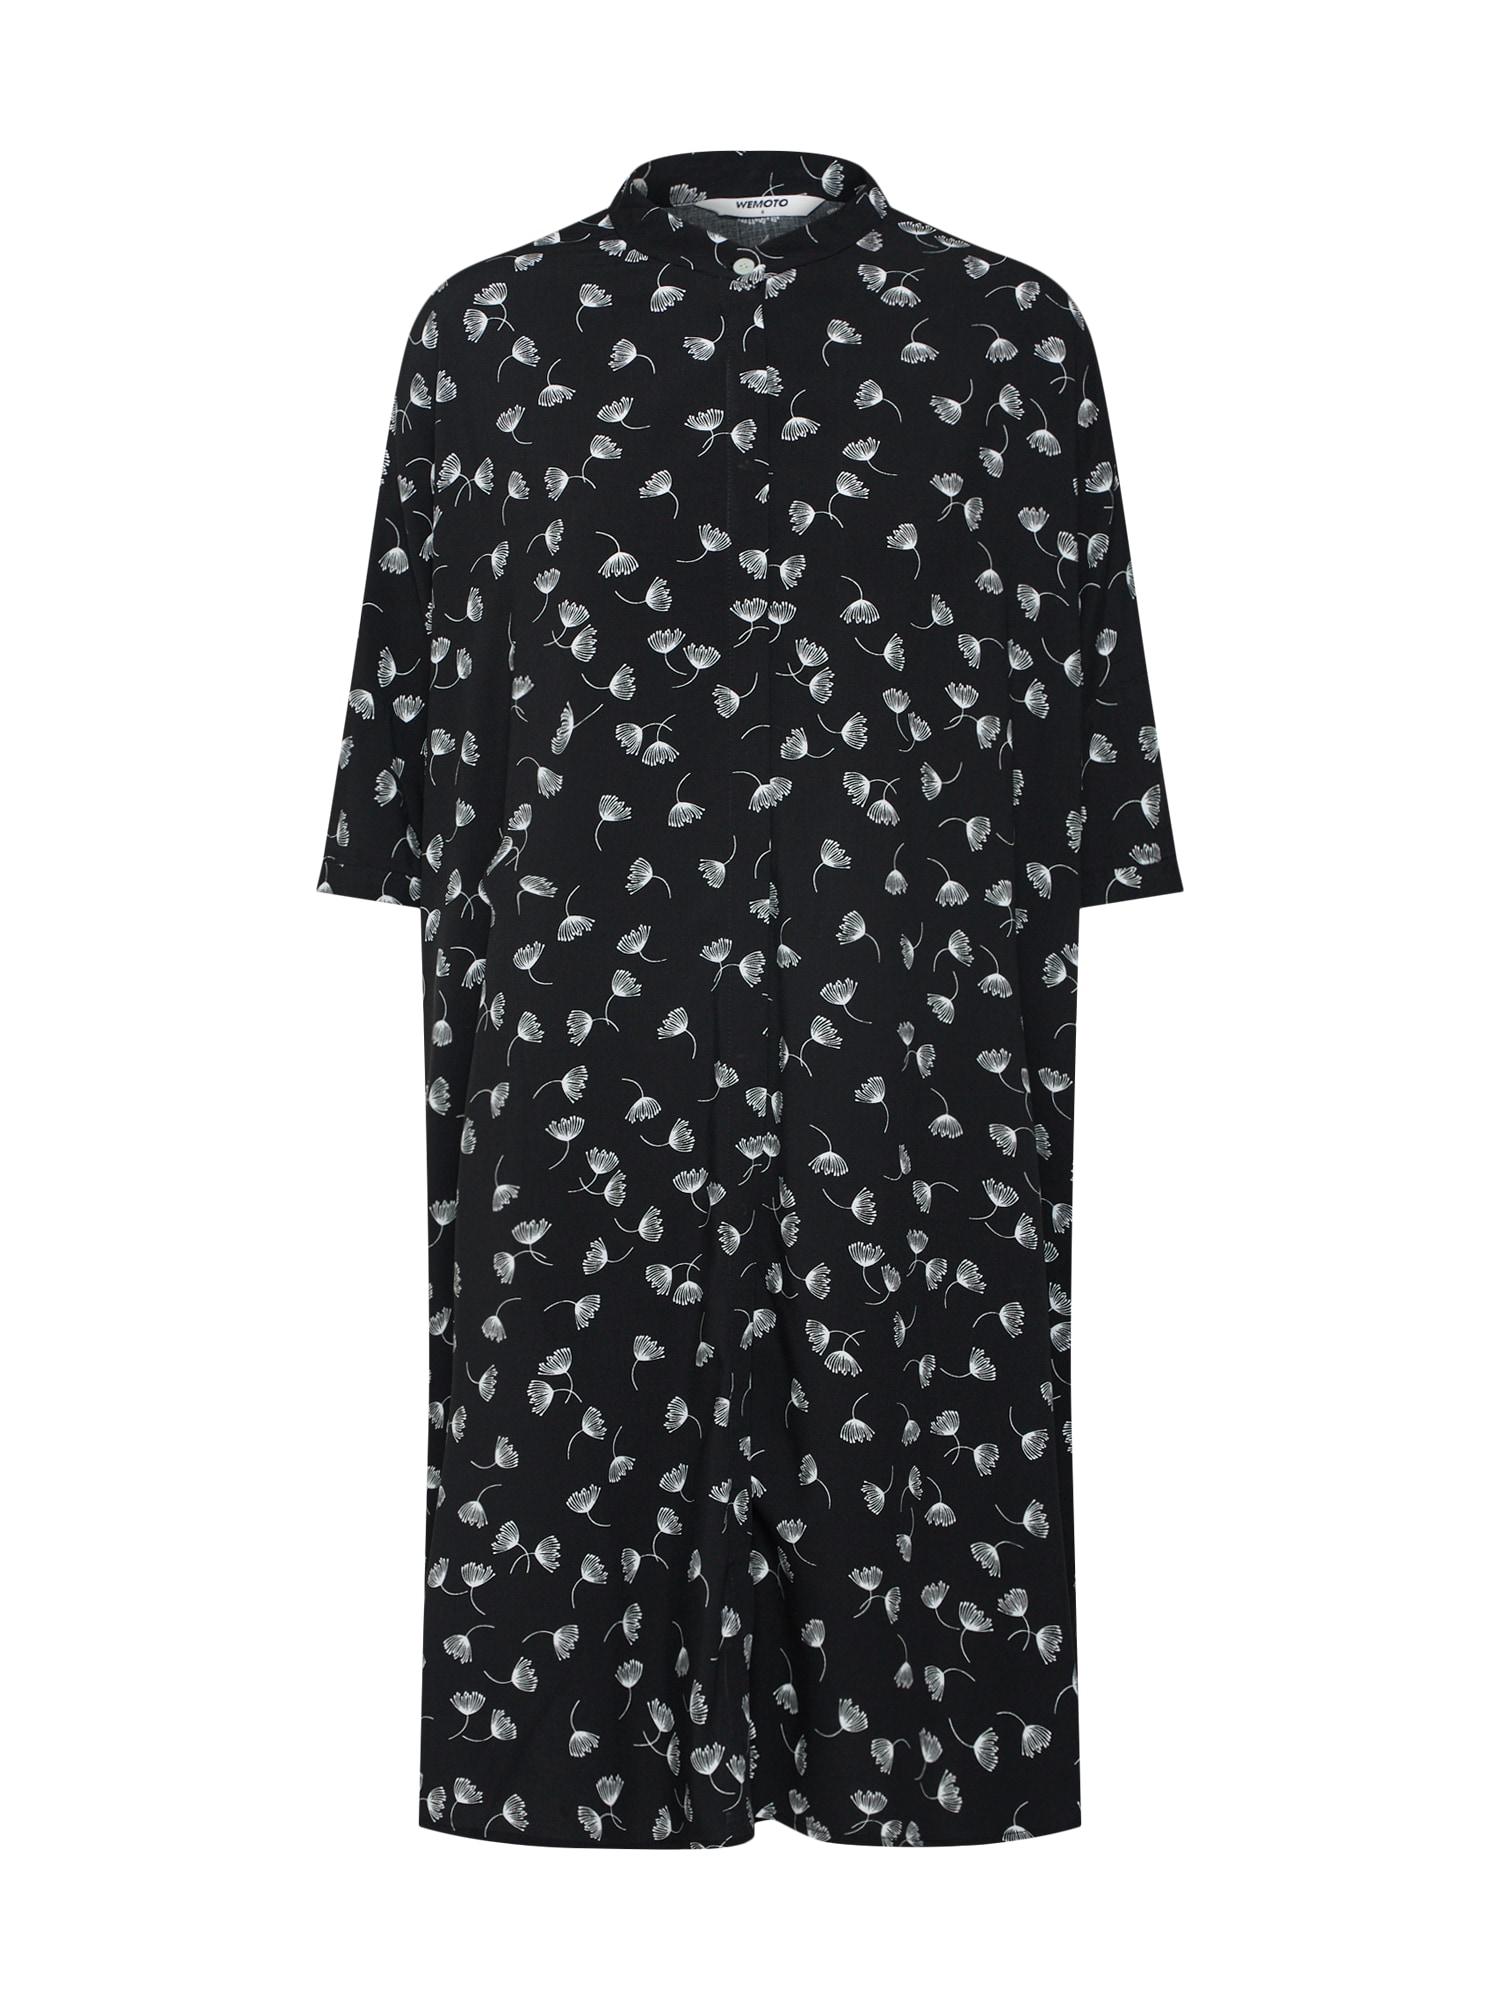 Košilové šaty Hume Printed černá bílá Wemoto